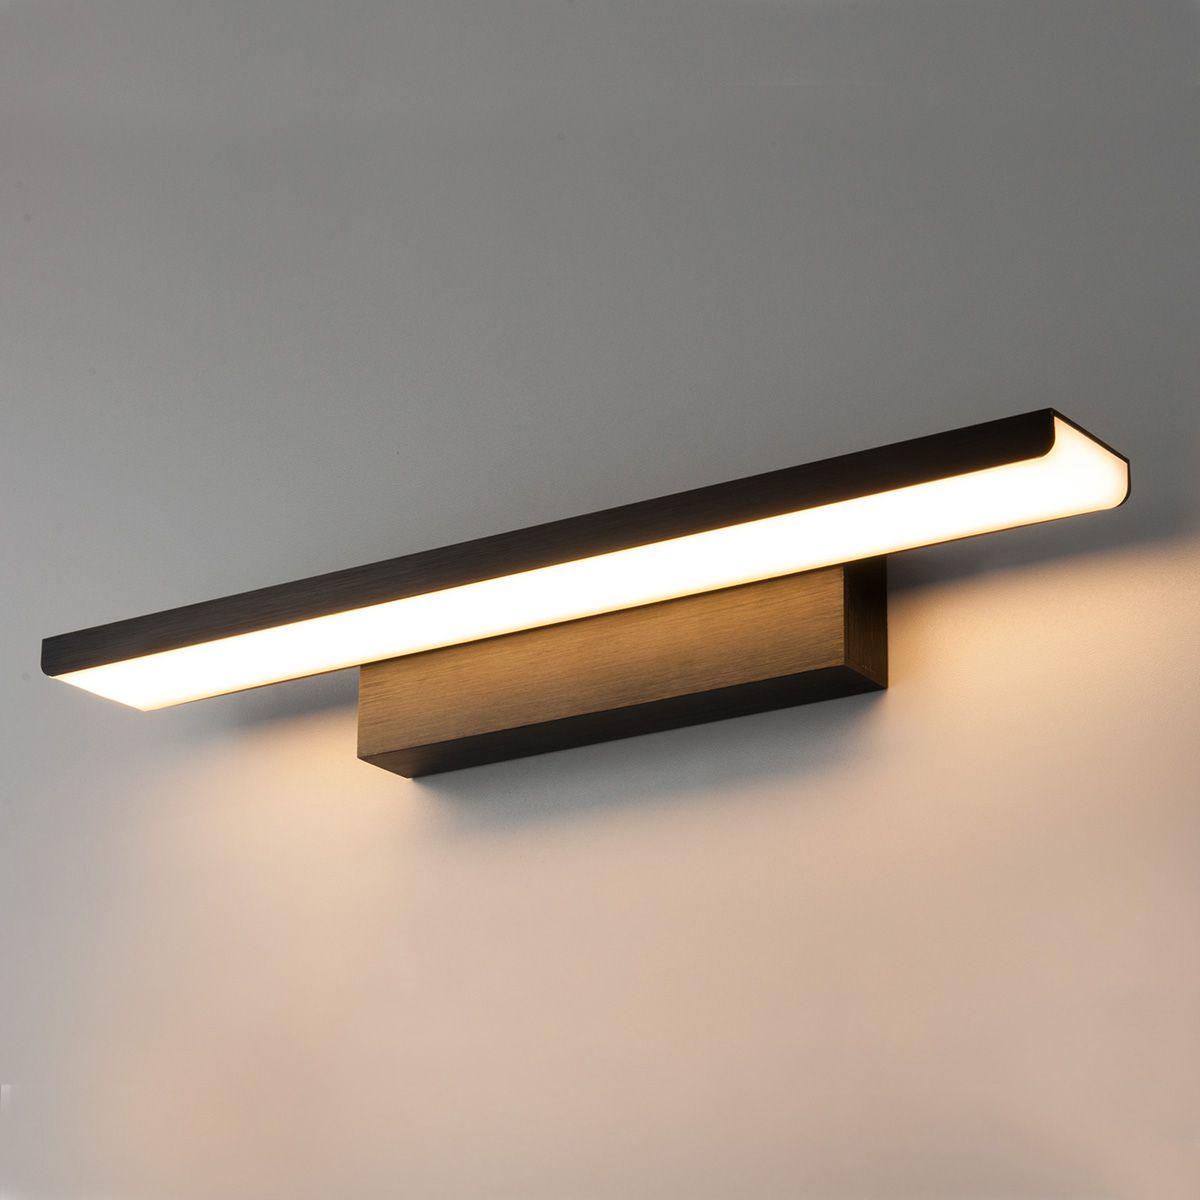 Настенный светодиодный светильник Sankara LED MRL LED 16W 1009 IP20 черный